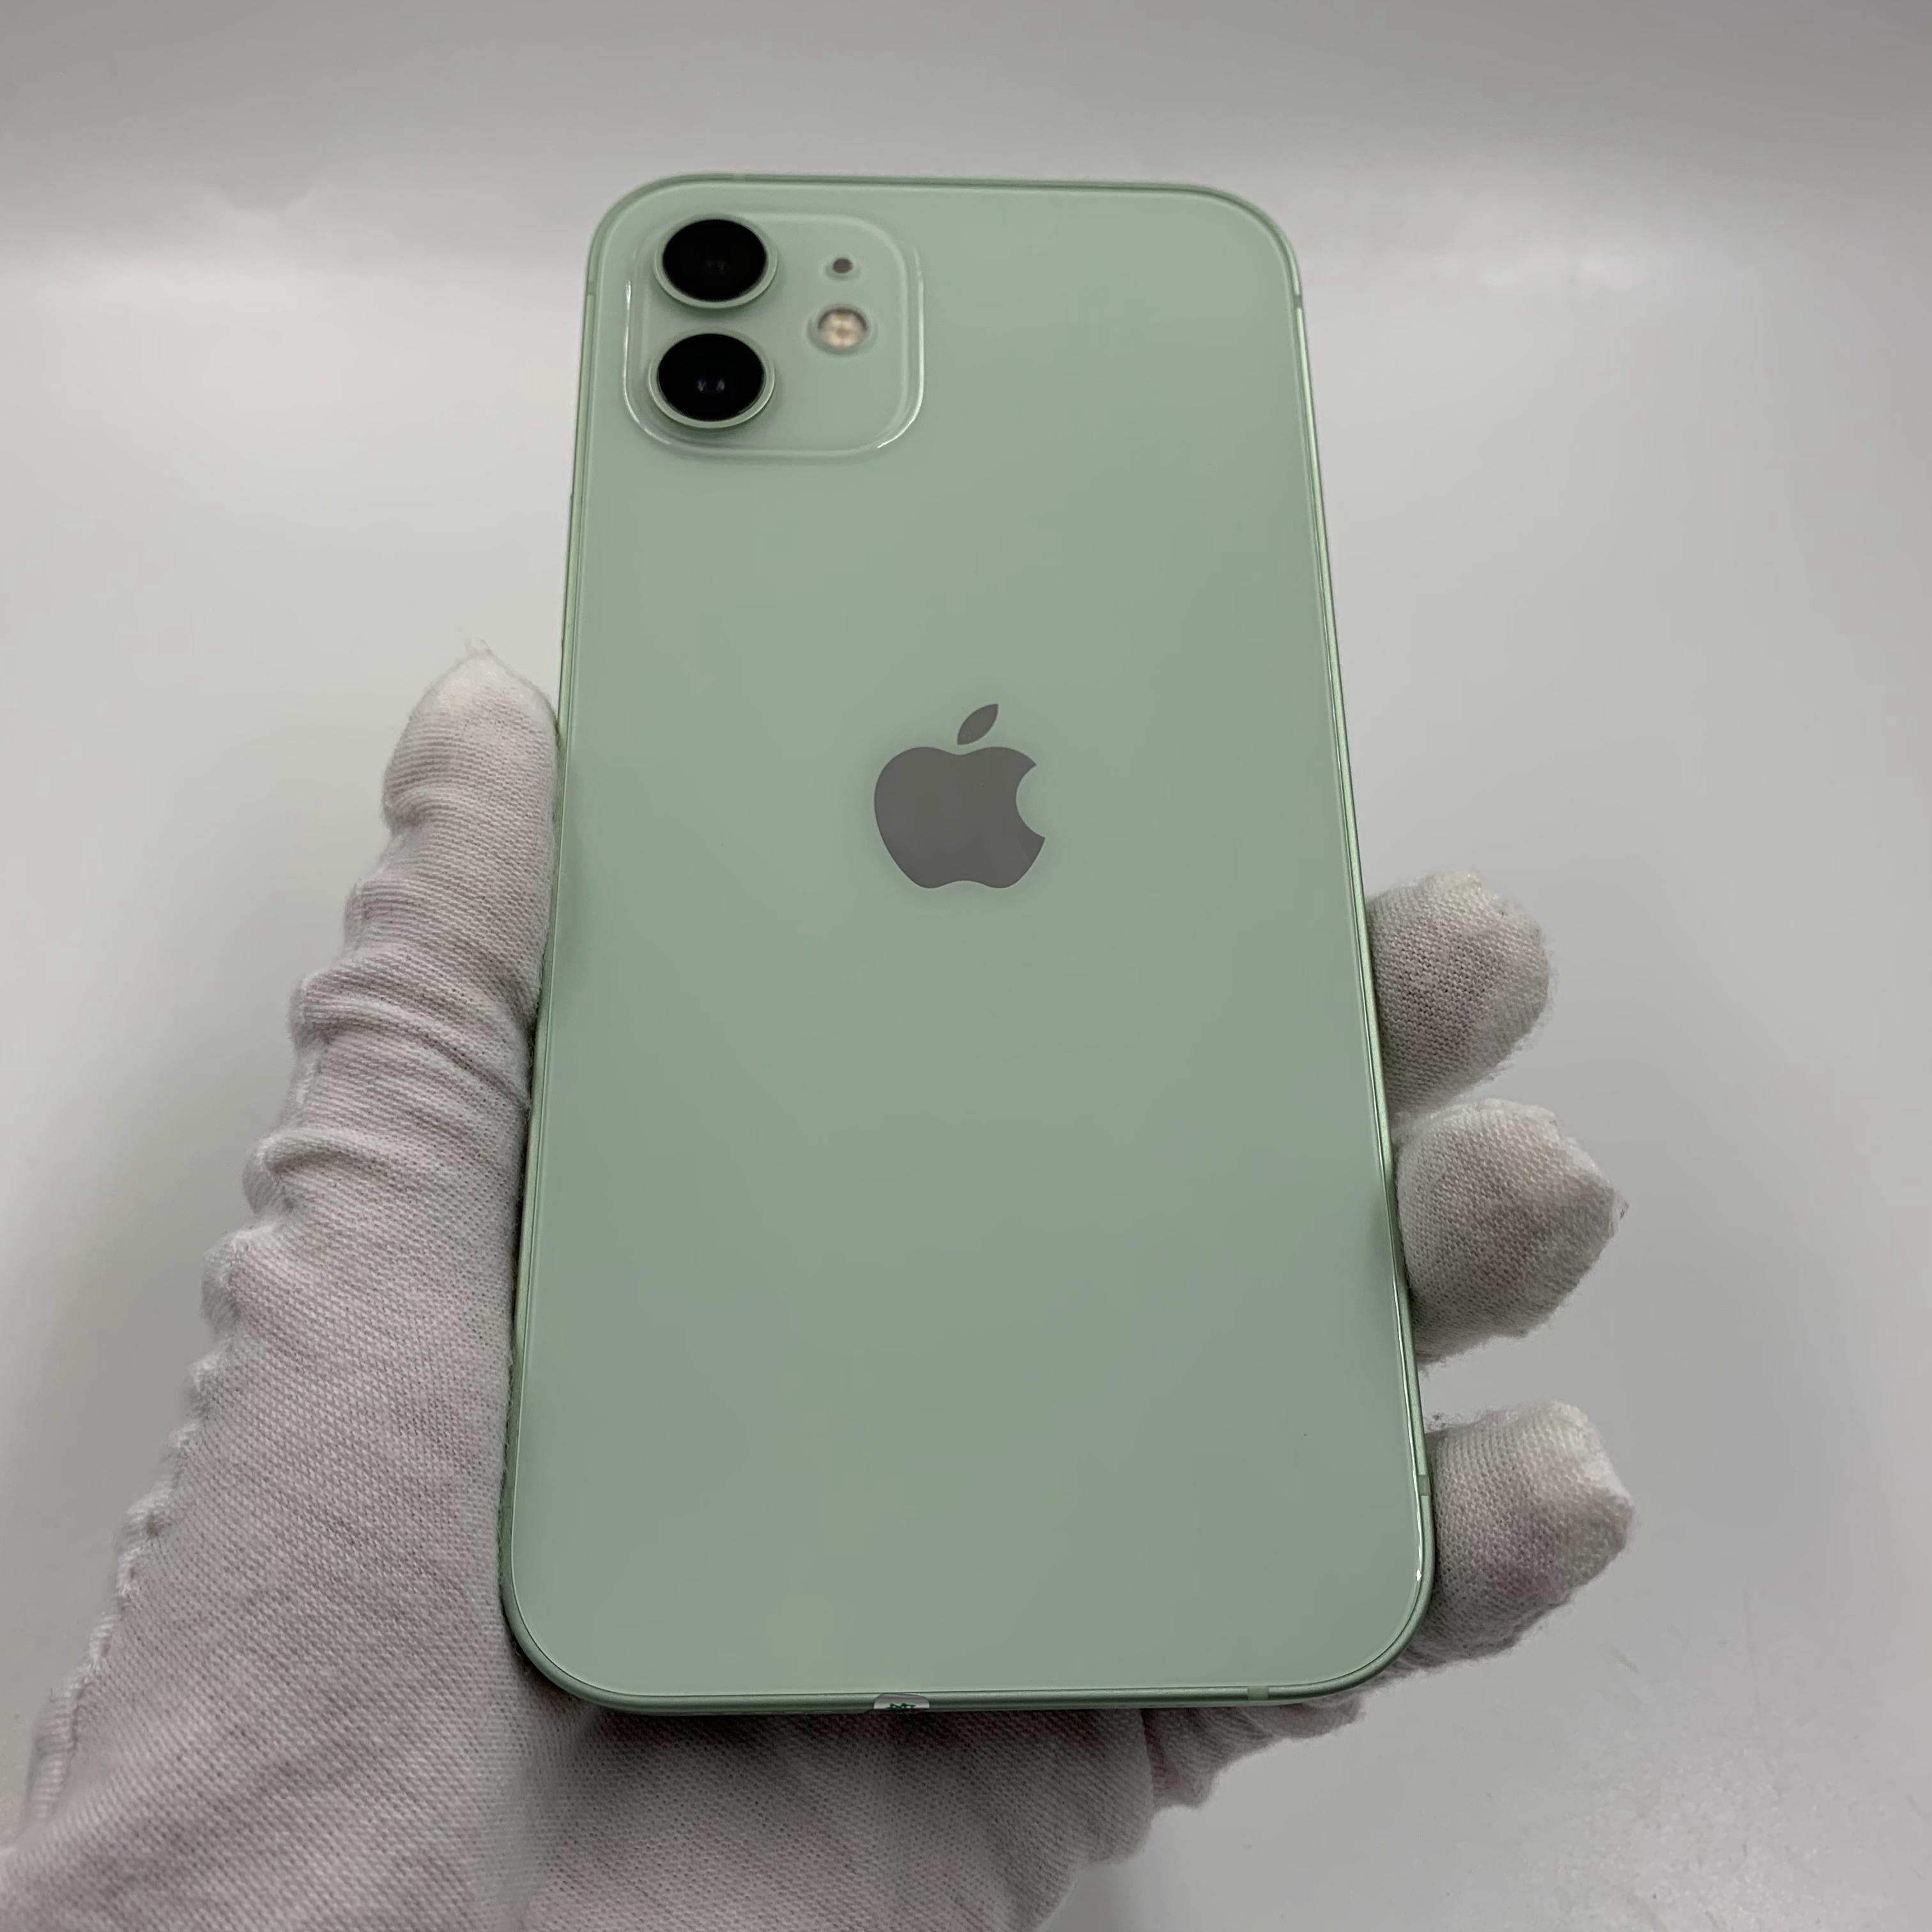 苹果【iPhone 12】5G全网通 绿色 64G 国行 99新 真机实拍保修2022-07-14